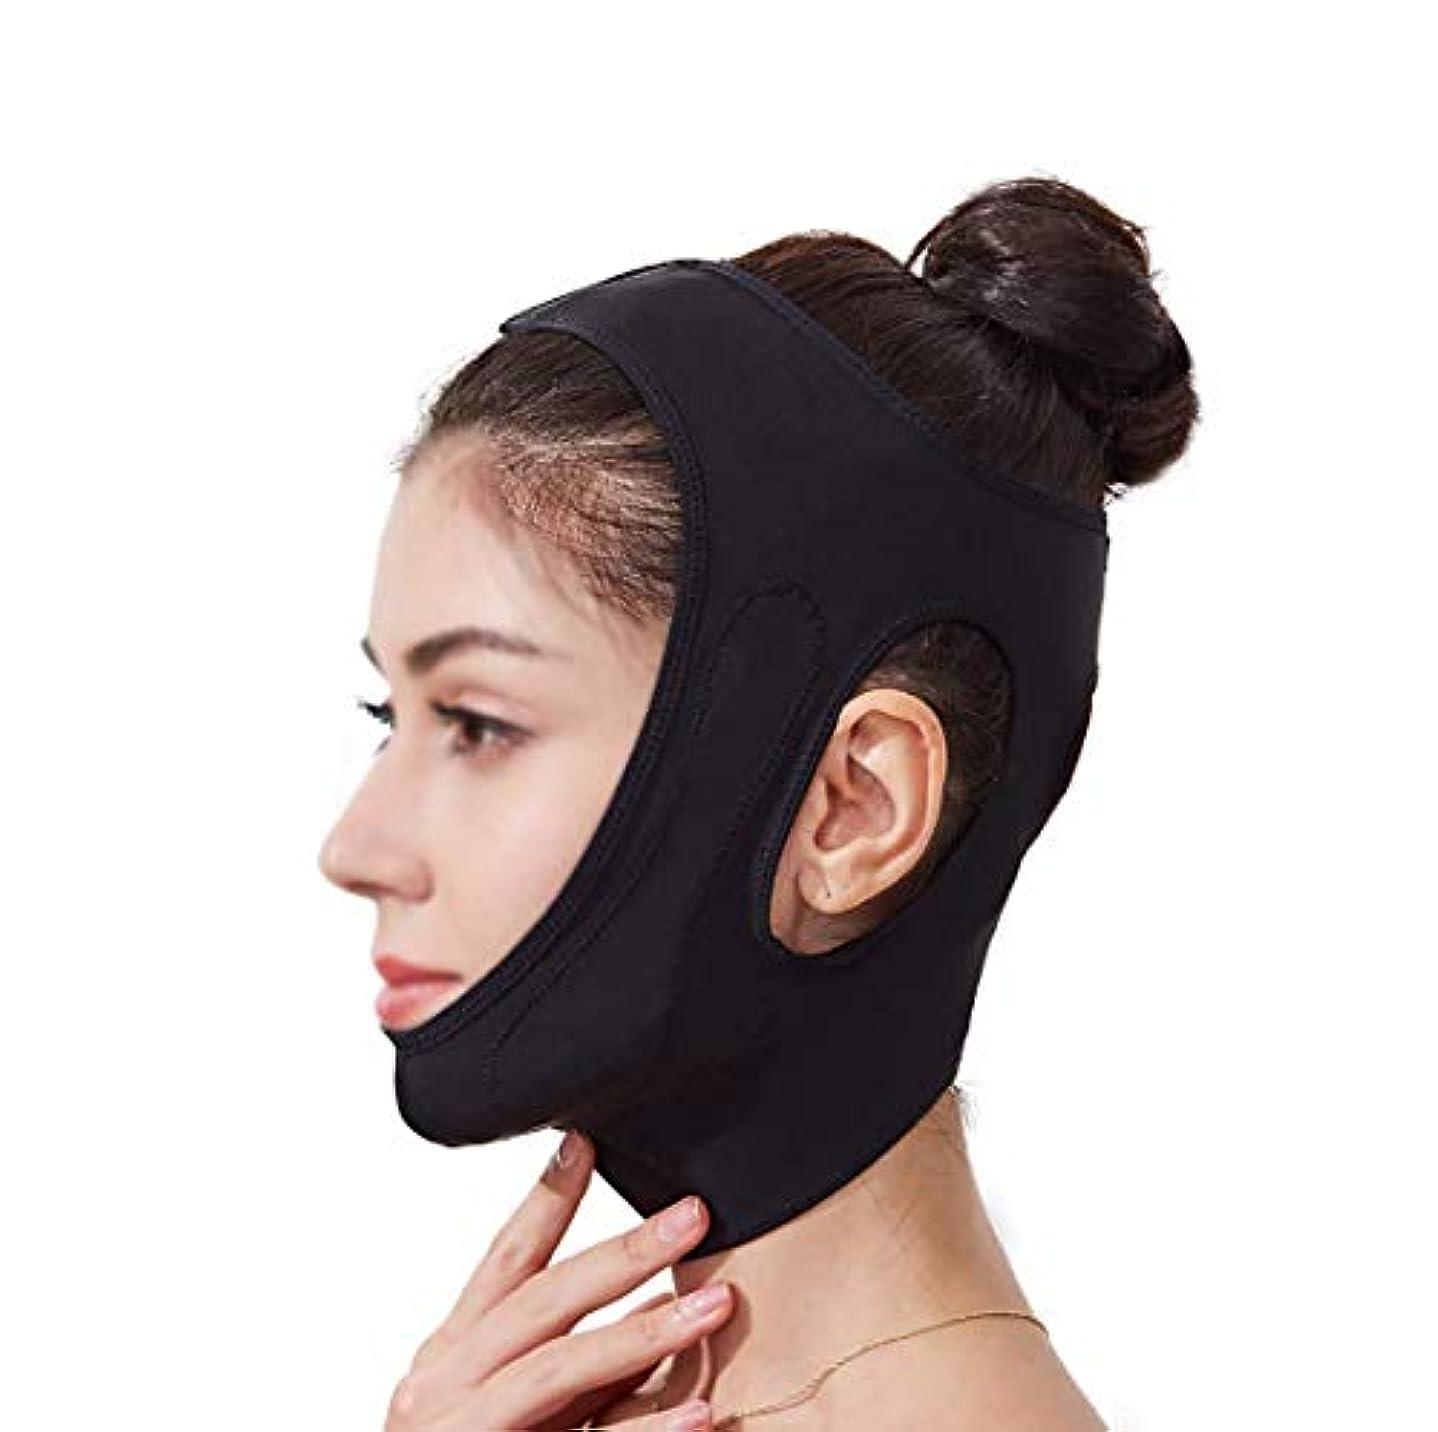 いいね学校留まるフェイスリフティングマスク、360°オールラウンドリフティングフェイシャルコンター、あごを閉じて肌を引き締め、快適でフェイスライトをサポートし、通気性を保ちます(サイズ:ブラック),ブラック